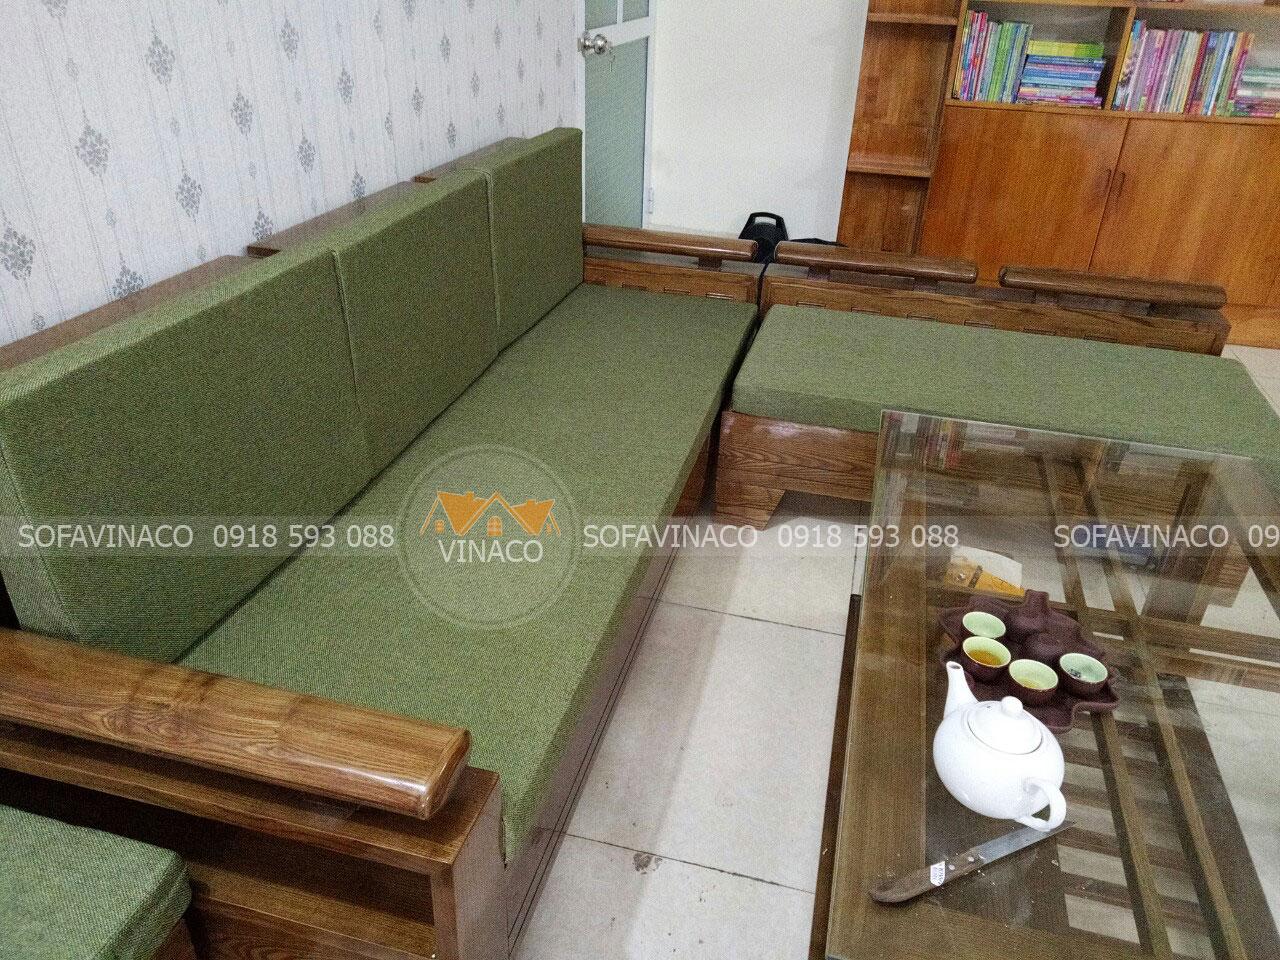 Đệm ghế xanh cốm cho sofa góc tay trứng tại Thái Nguyên